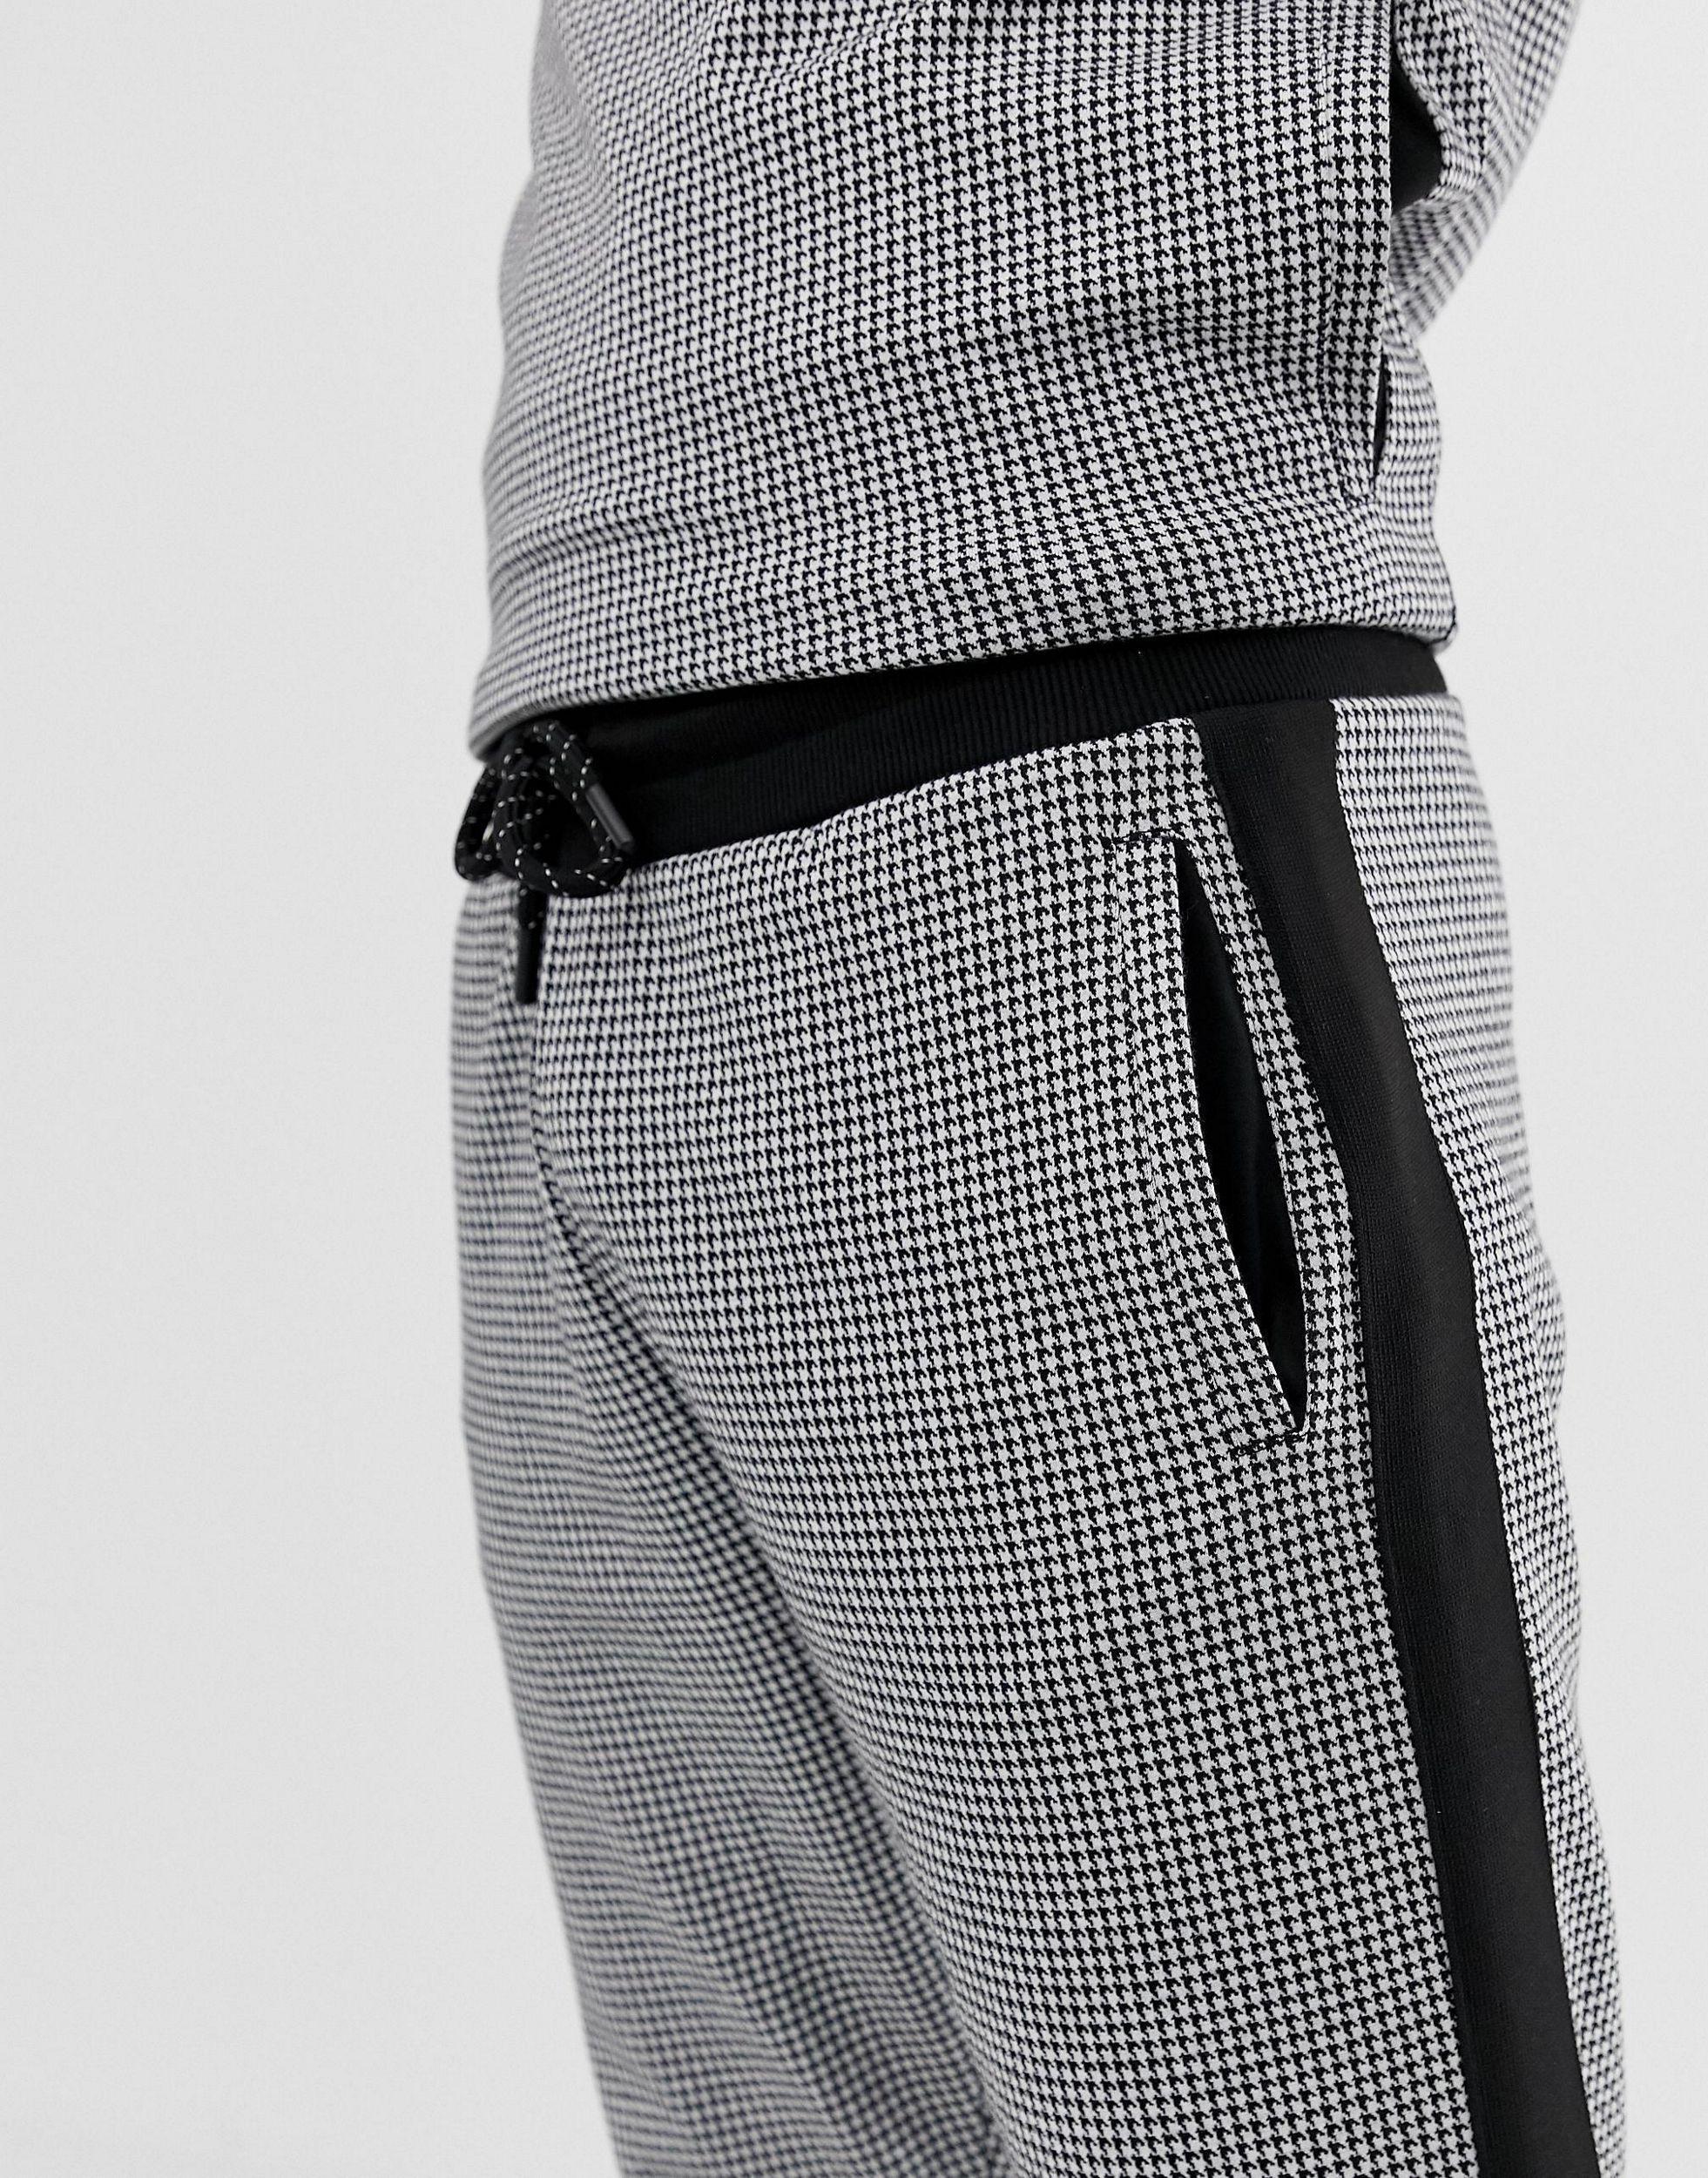 River Island Synthetisch Joggingbroek Met Pied-de-poule-print in het Zwart voor heren